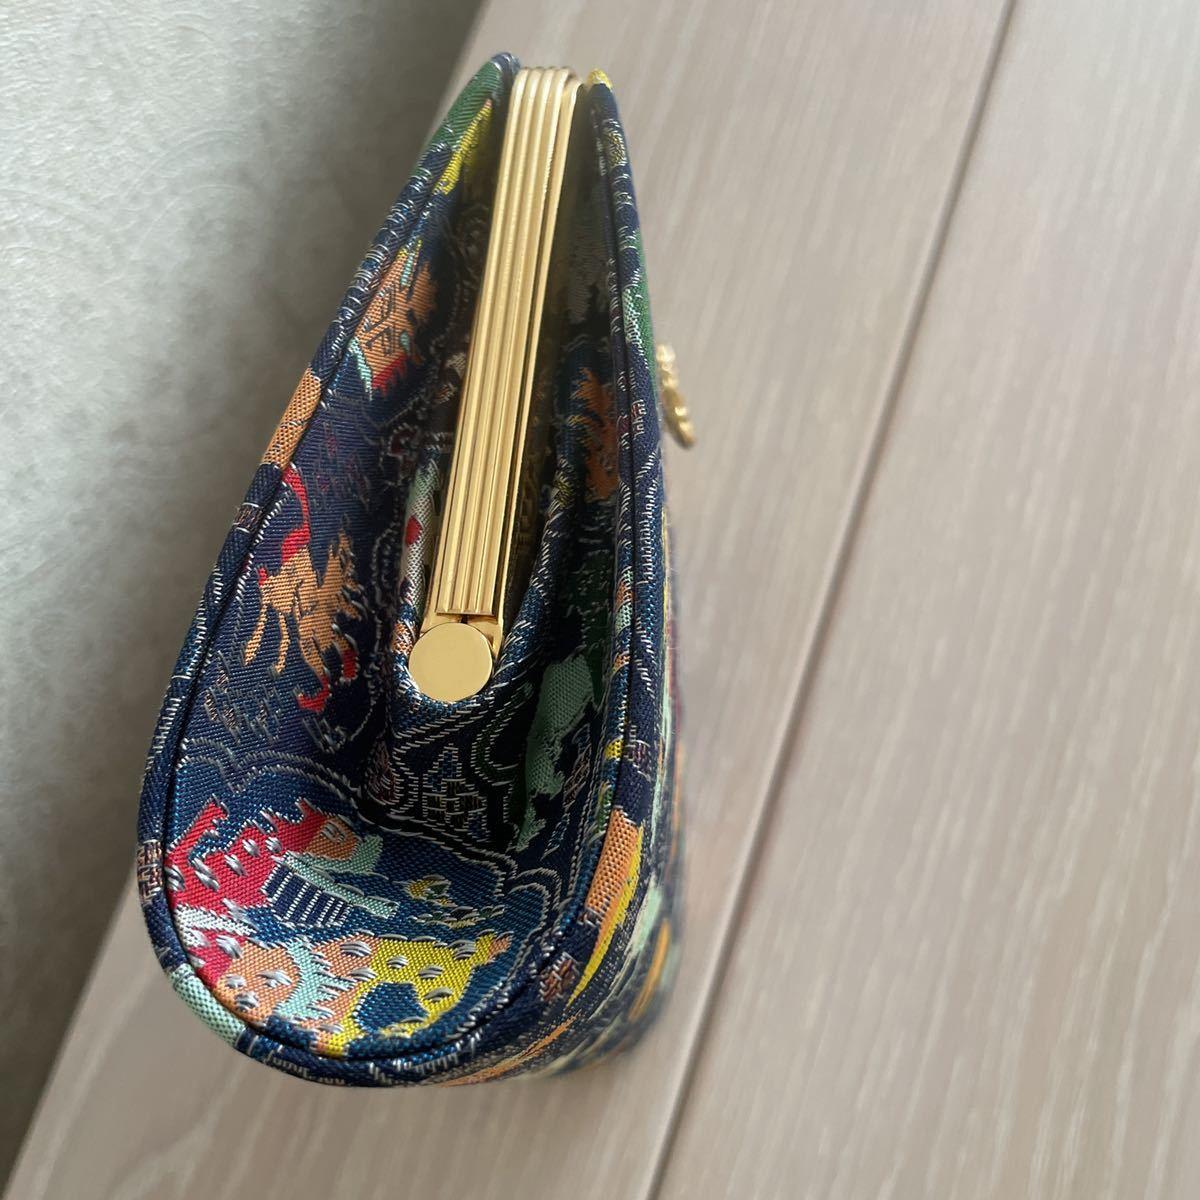 お買い得!龍村織物 高級正絹バッグ!高島屋_画像3